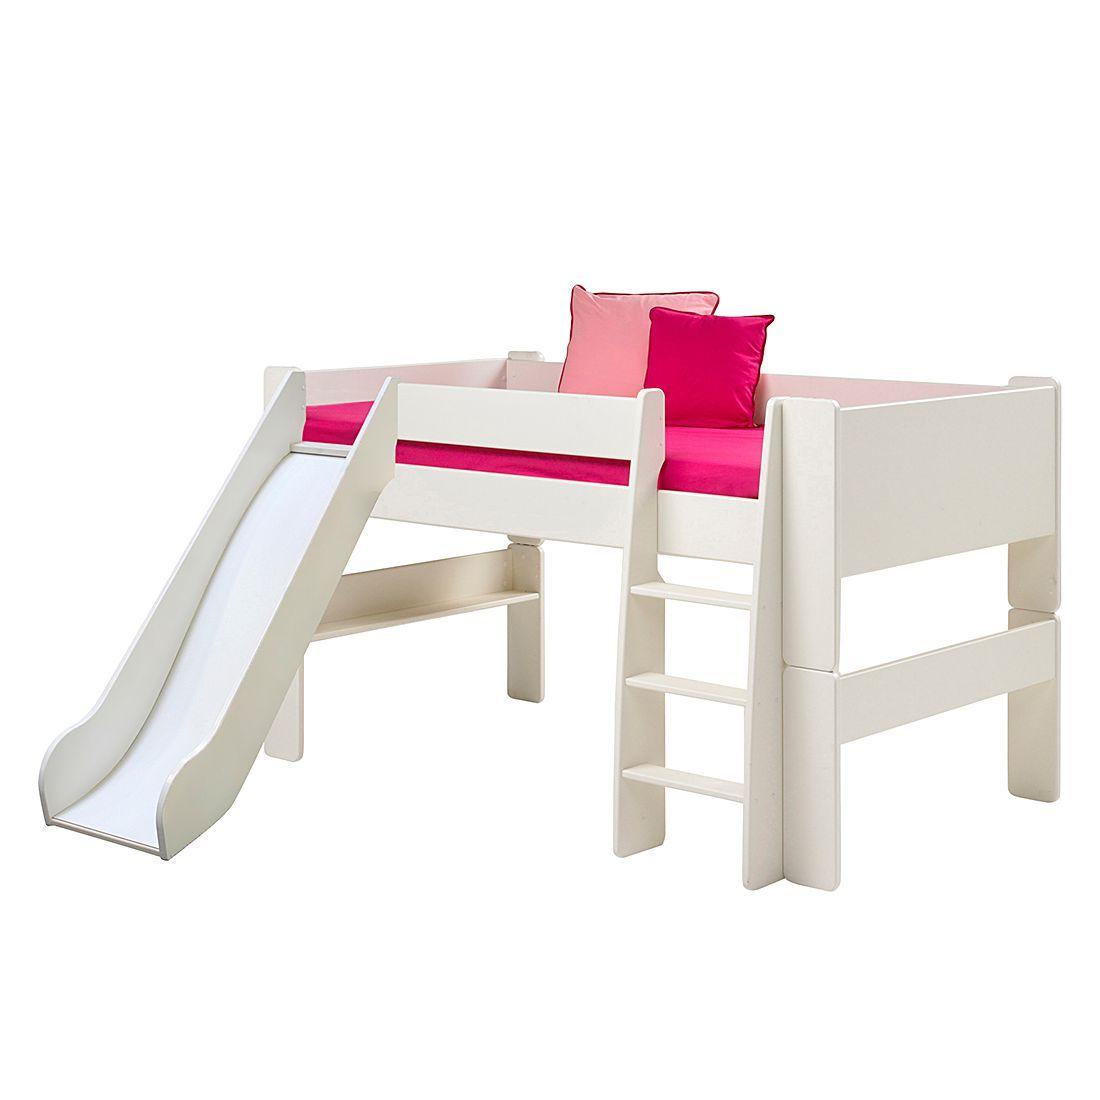 Steens Möbel halbhochbett steens for mit rutsche weiß steens jetzt